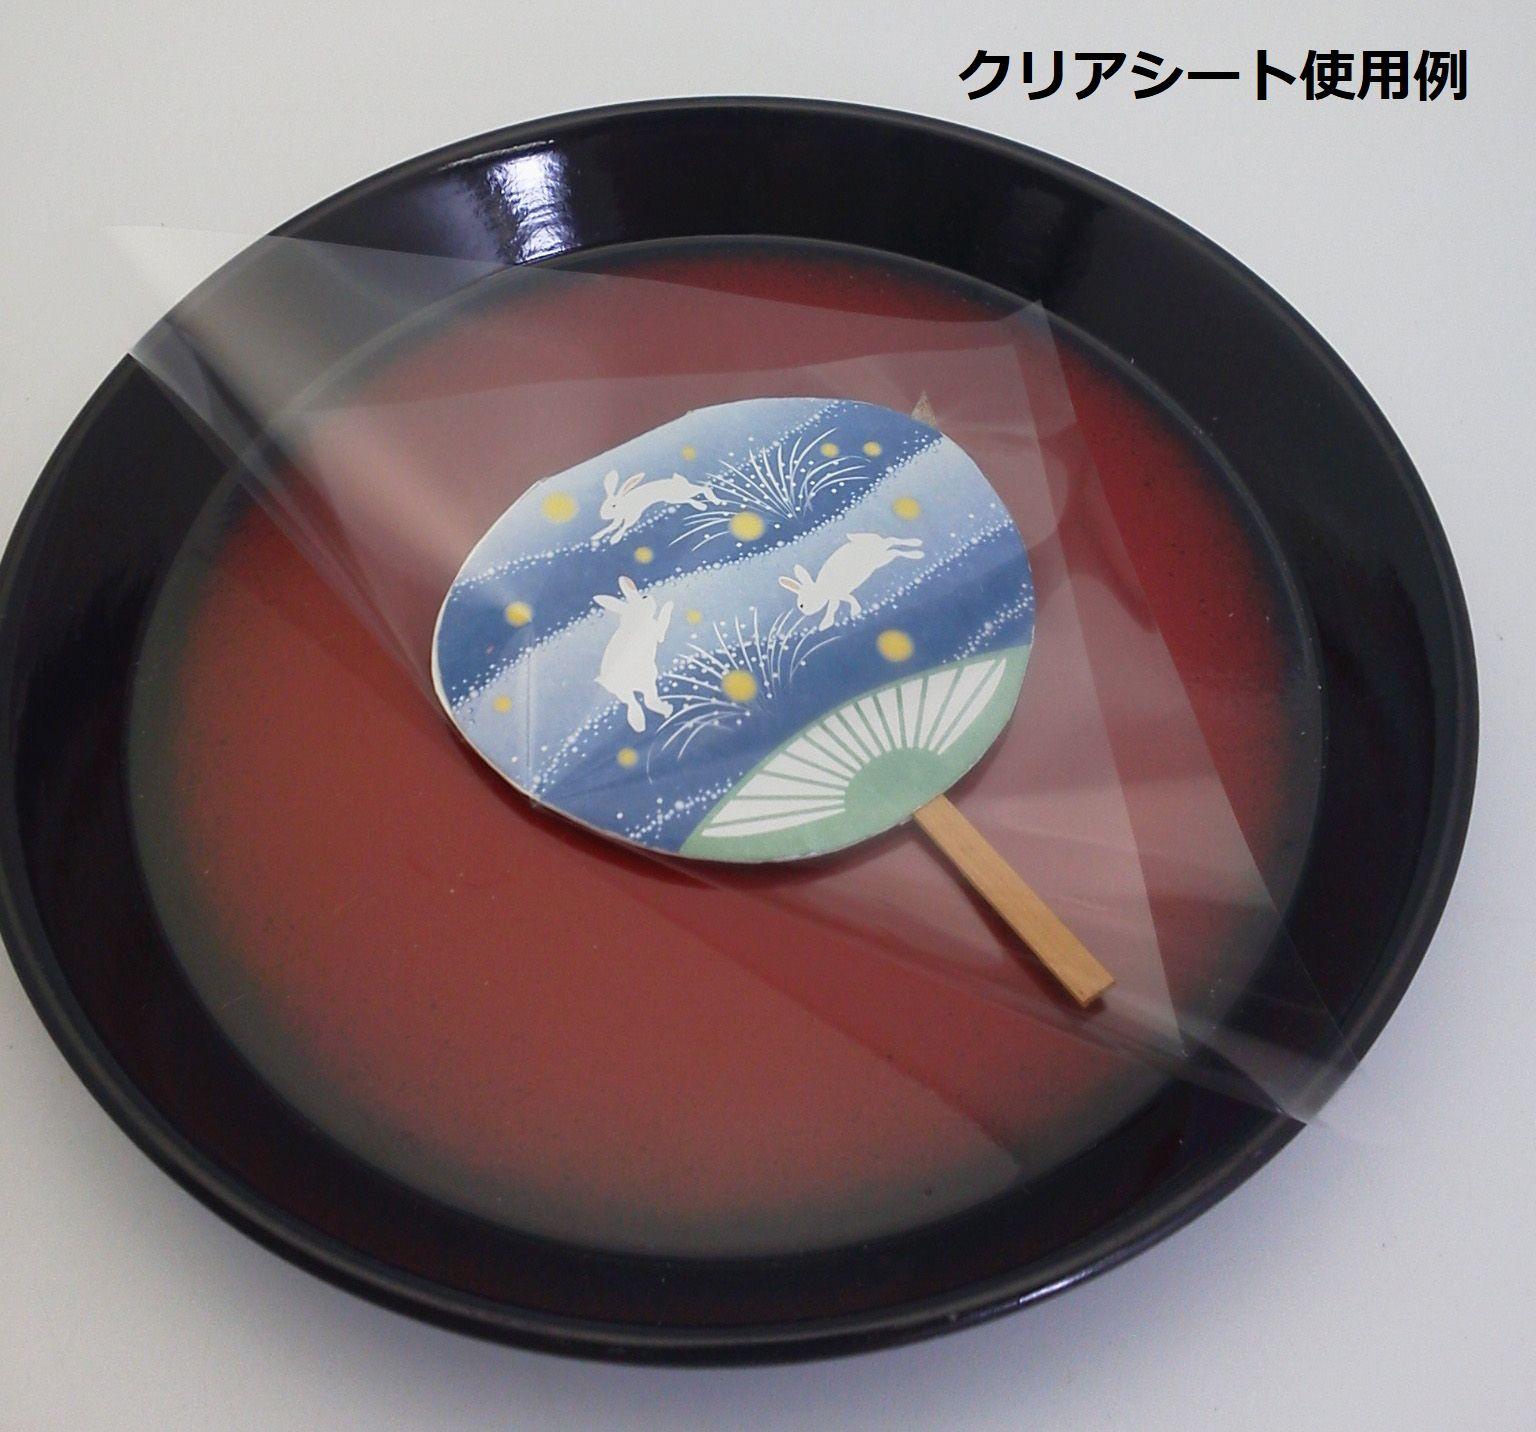 清涼ミニうちわ (水風船) 50枚入